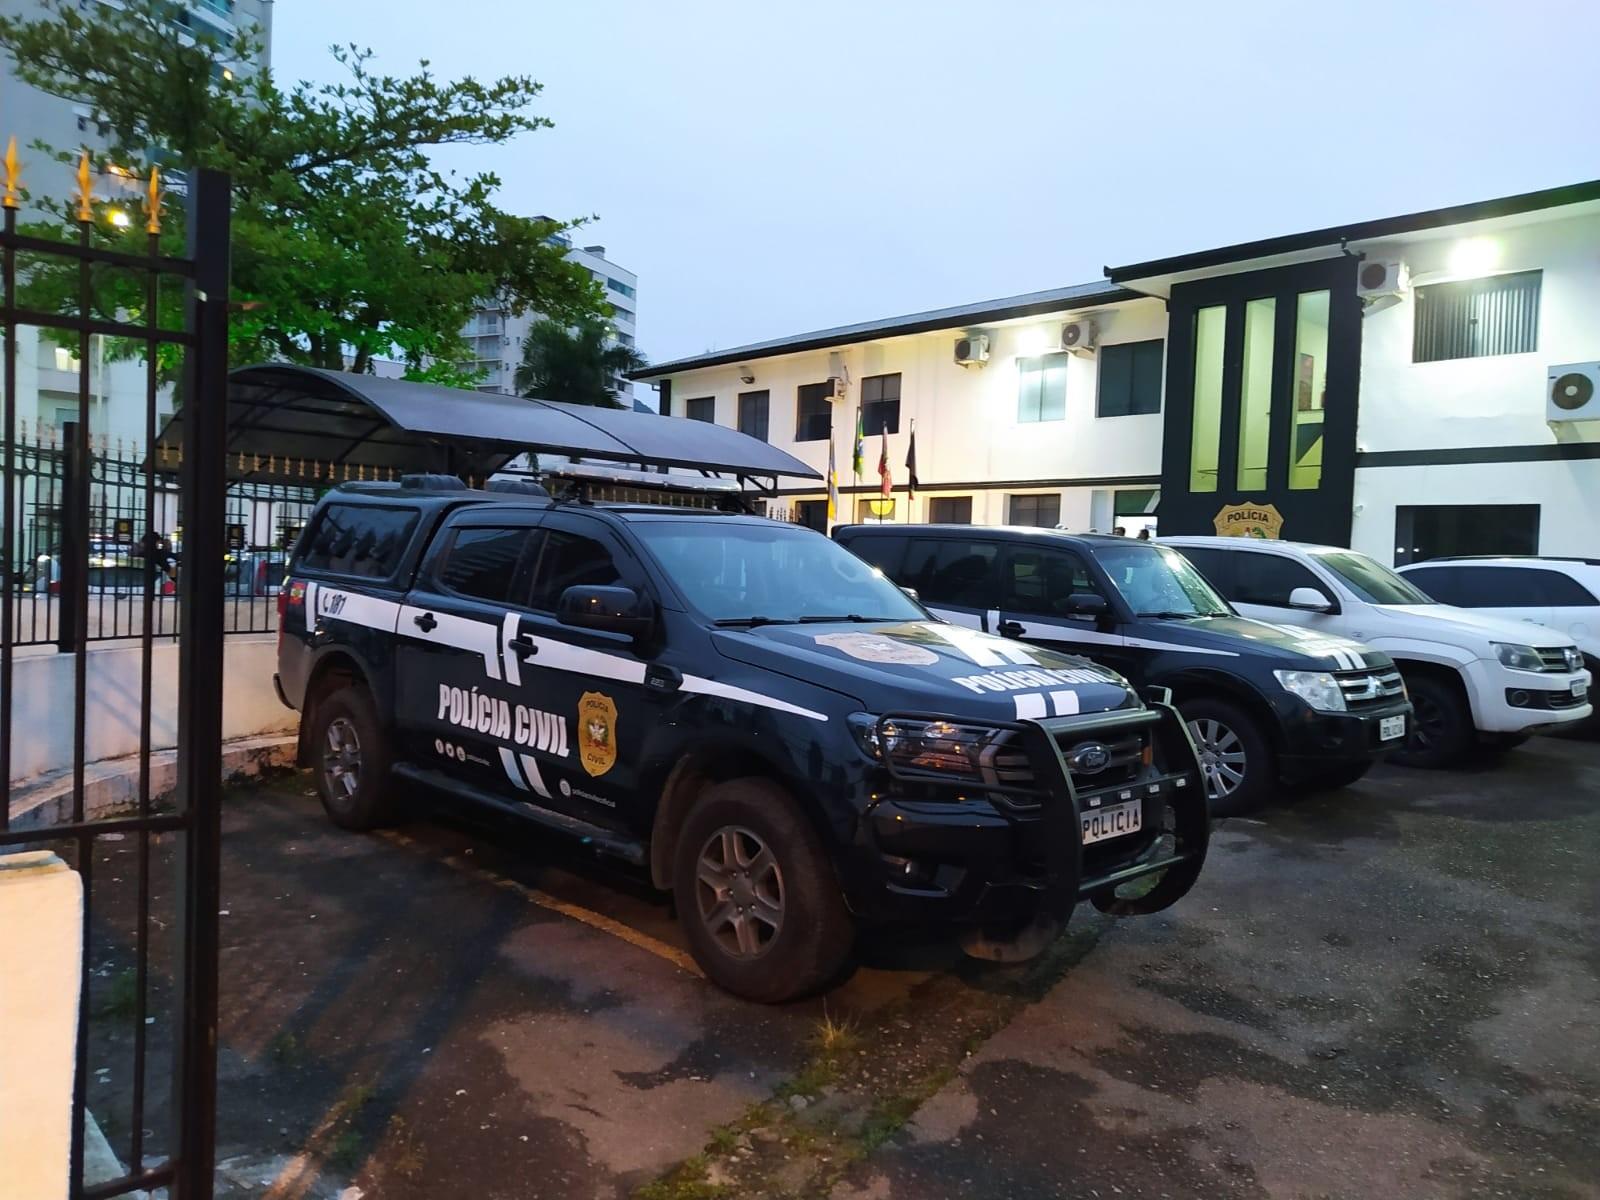 Polícia Civil deflagra operação contra organização criminosa em SC